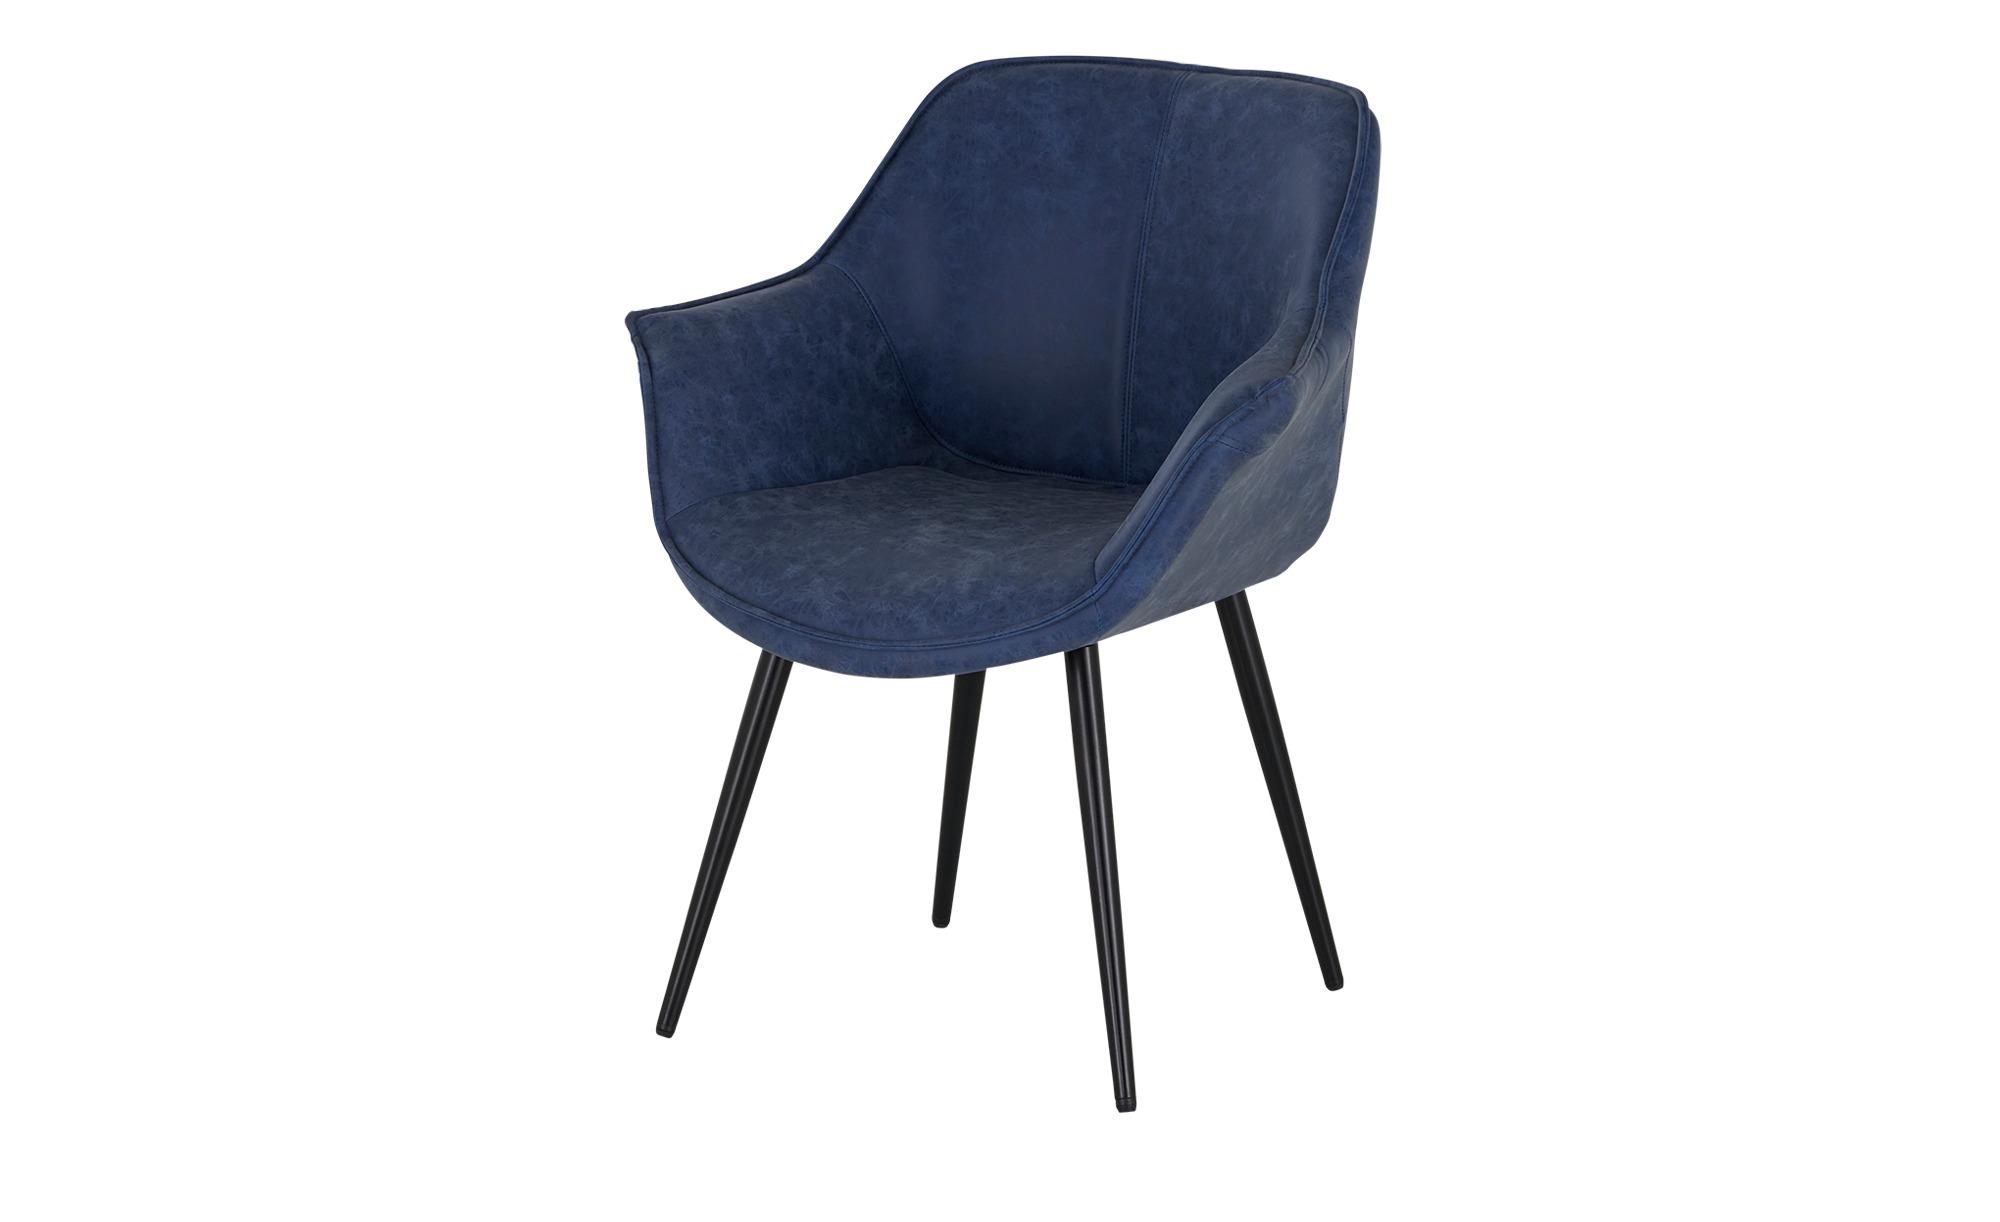 Armlehnstuhl  James ¦ blau Stühle > Esszimmerstühle > Esszimmerstühle mit Armlehnen - Höffner